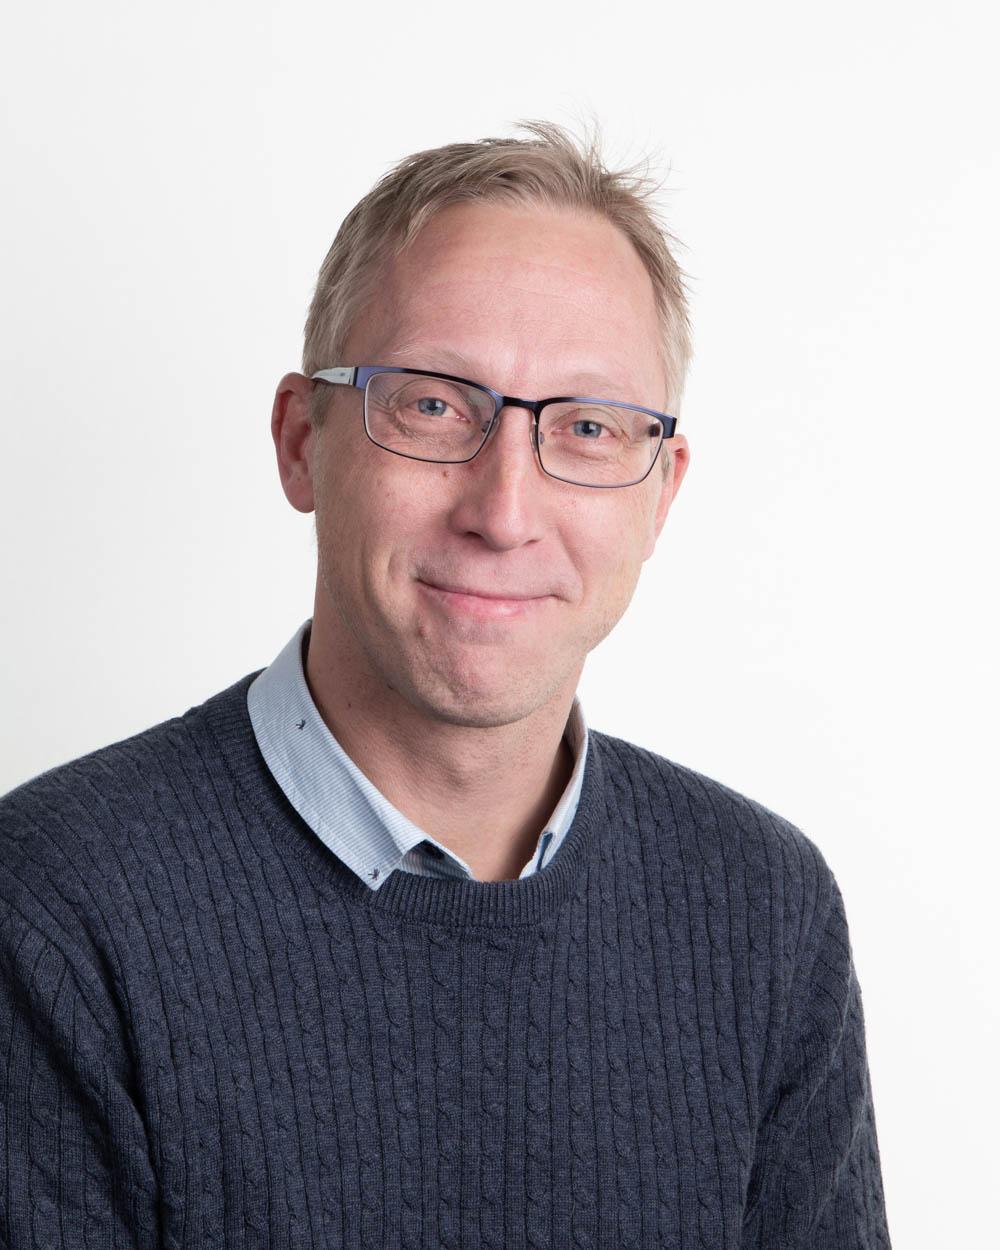 Jan Callenvik